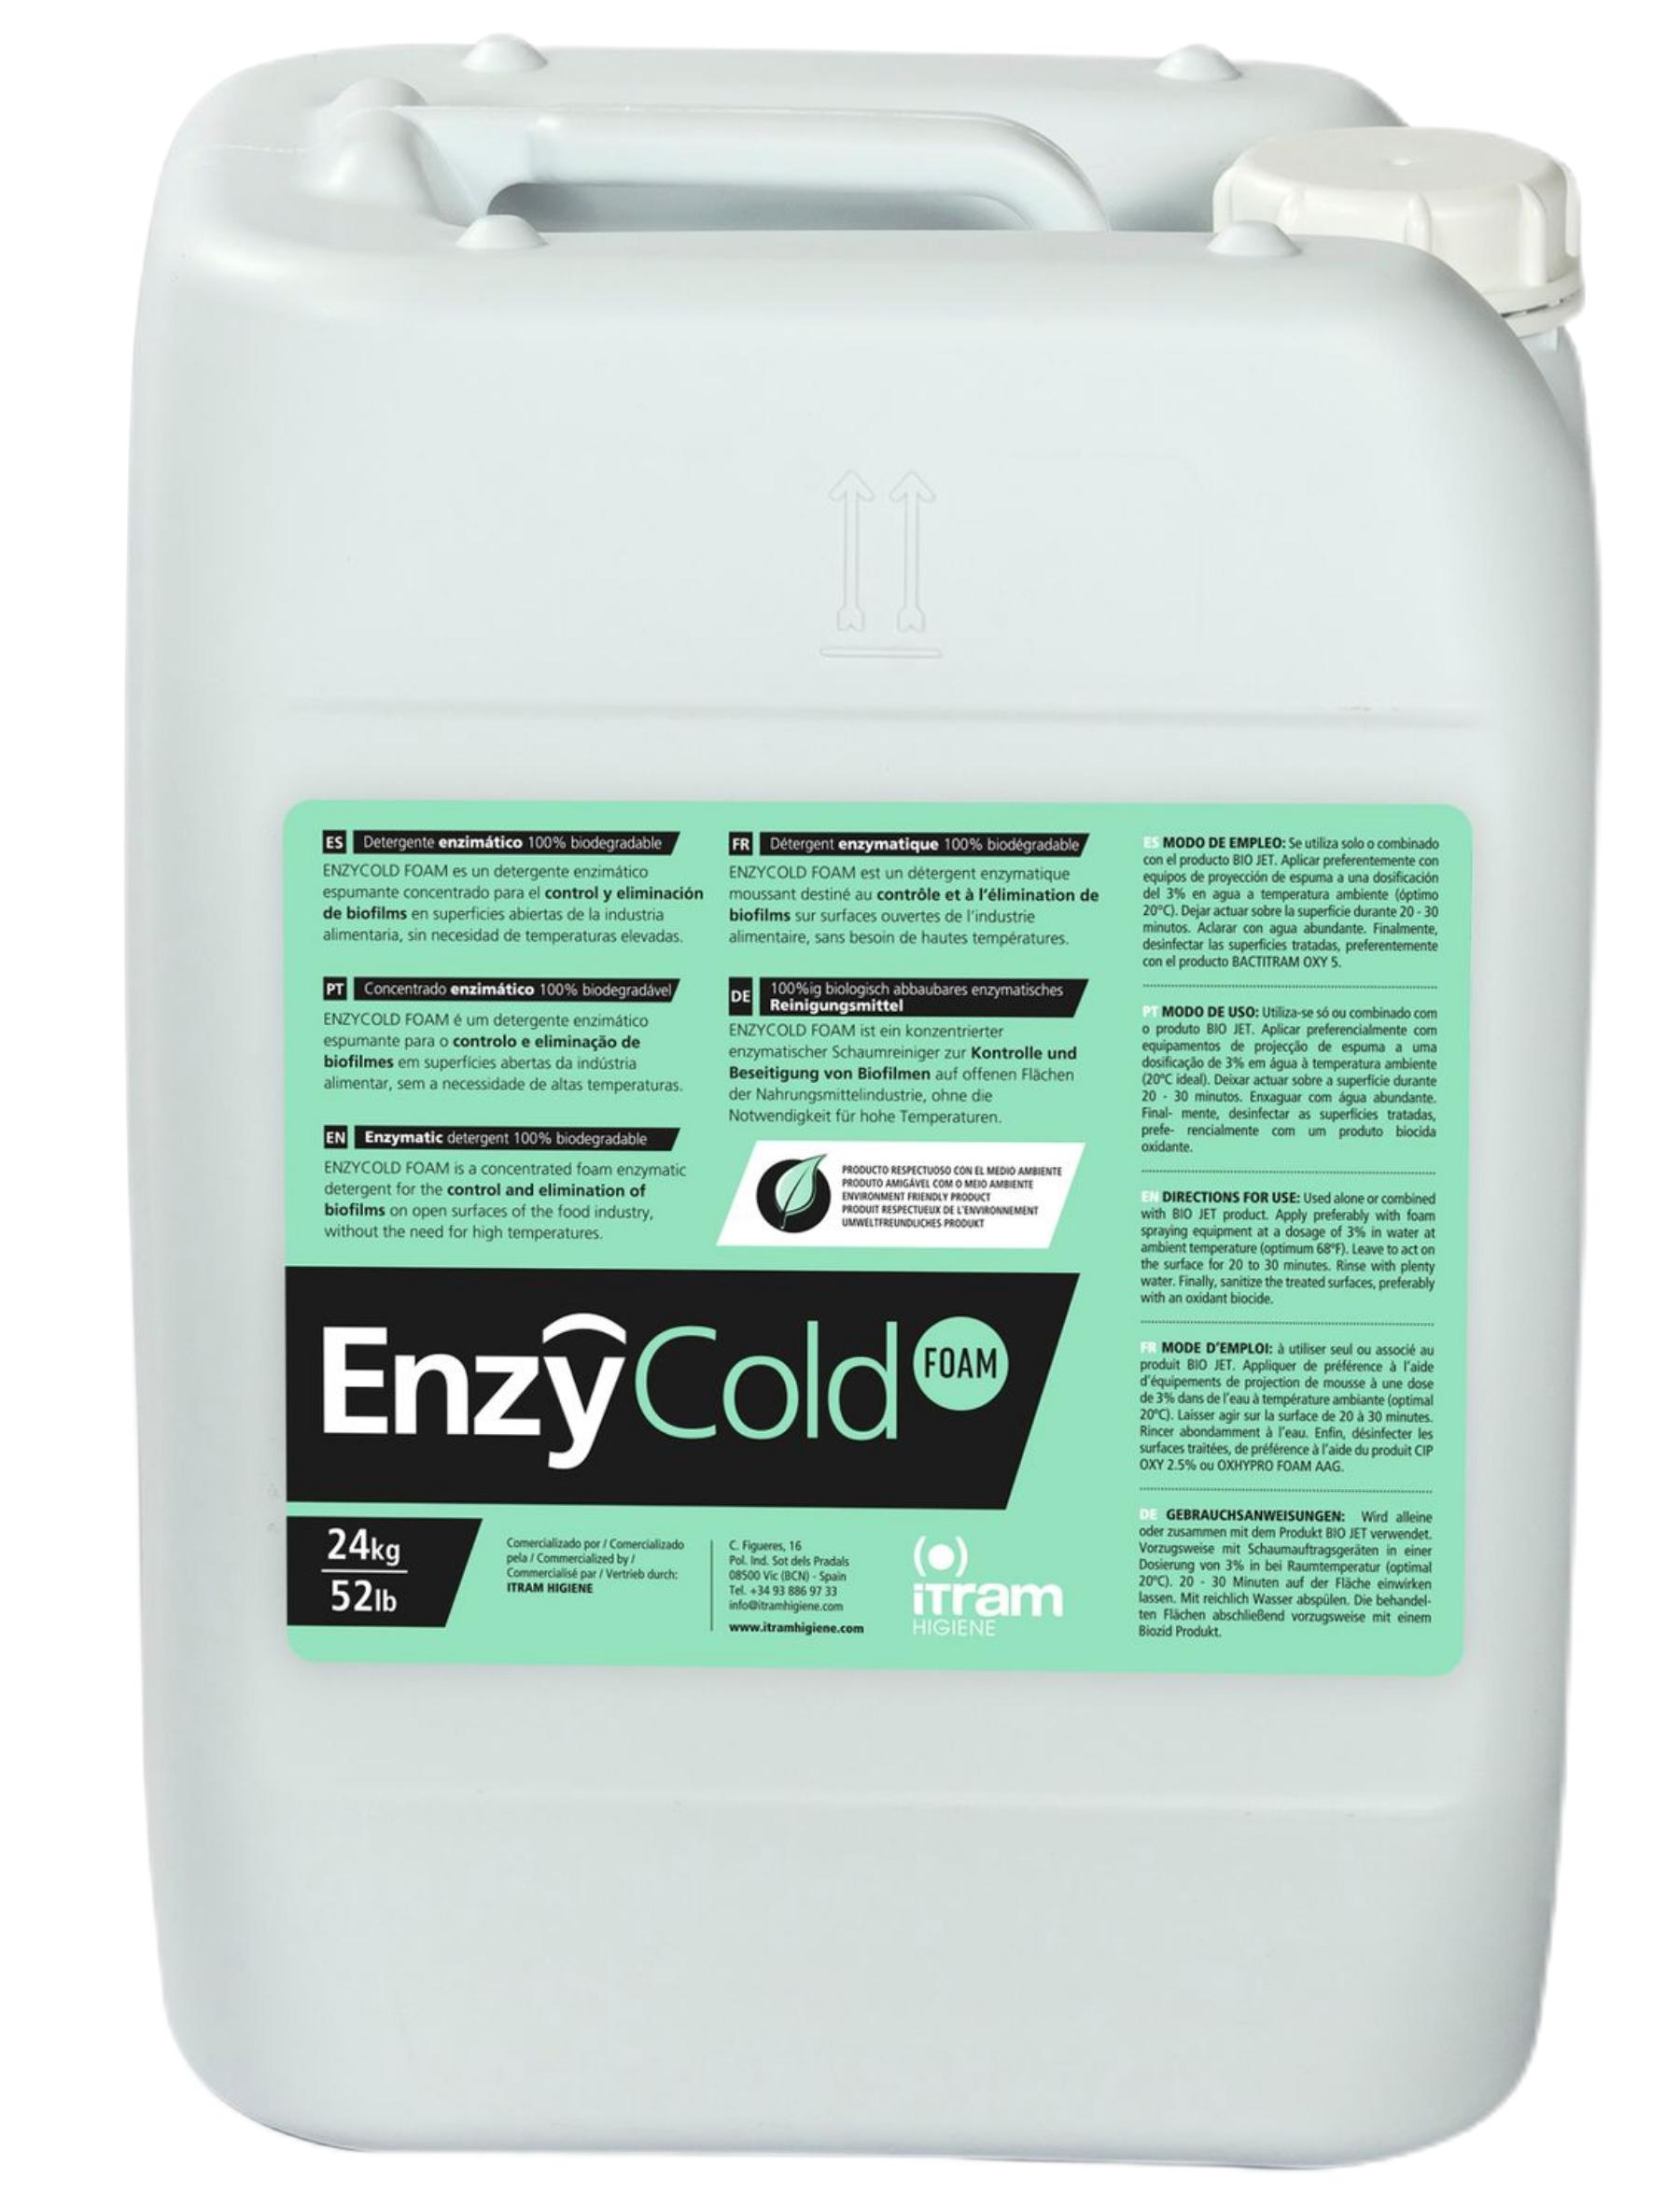 EnzyCold Foam